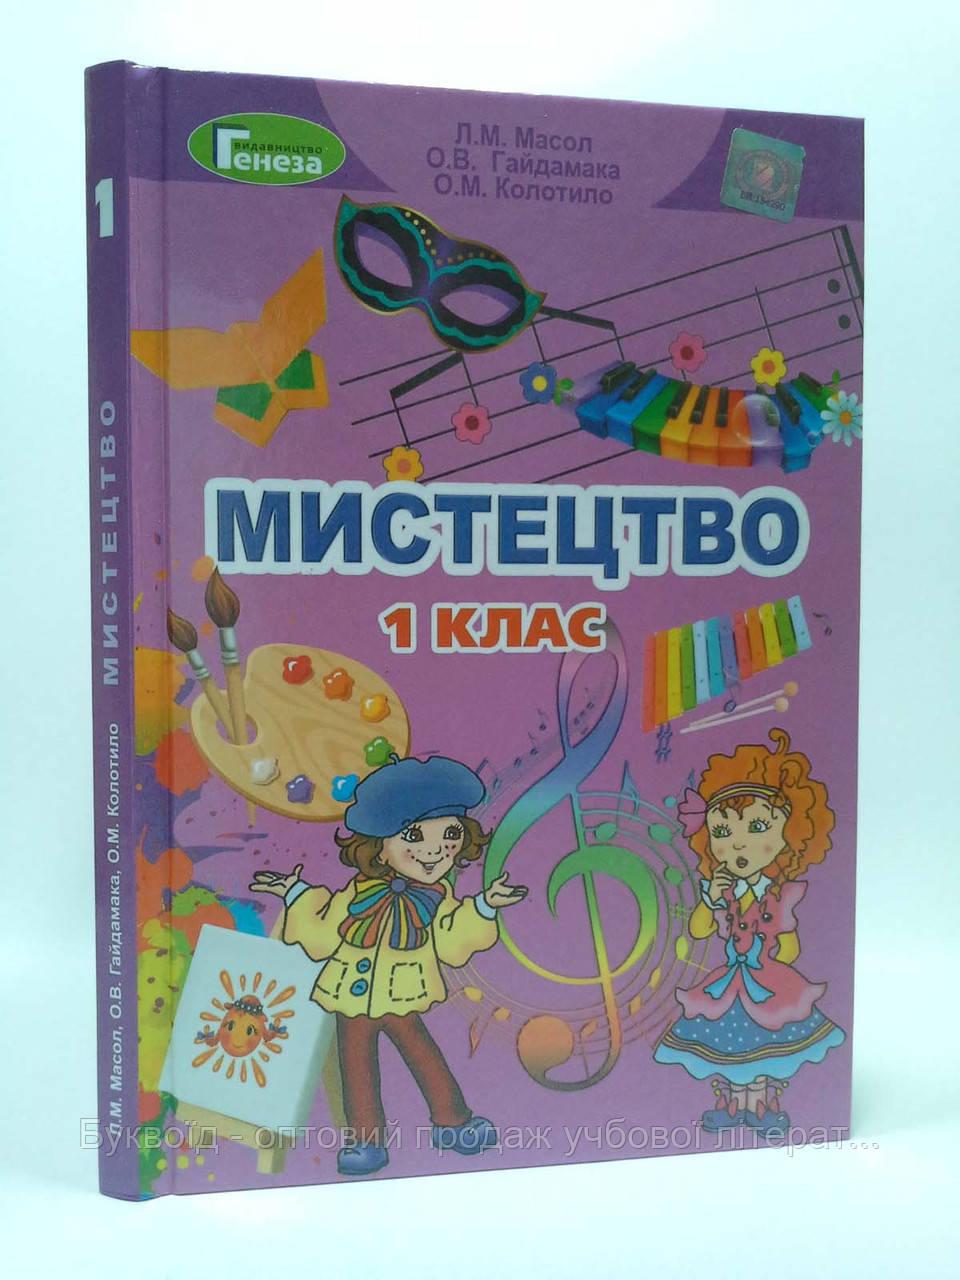 Мистецтво 1 клас Підручник Масол Генеза ISBN 978-966-11-0218-6